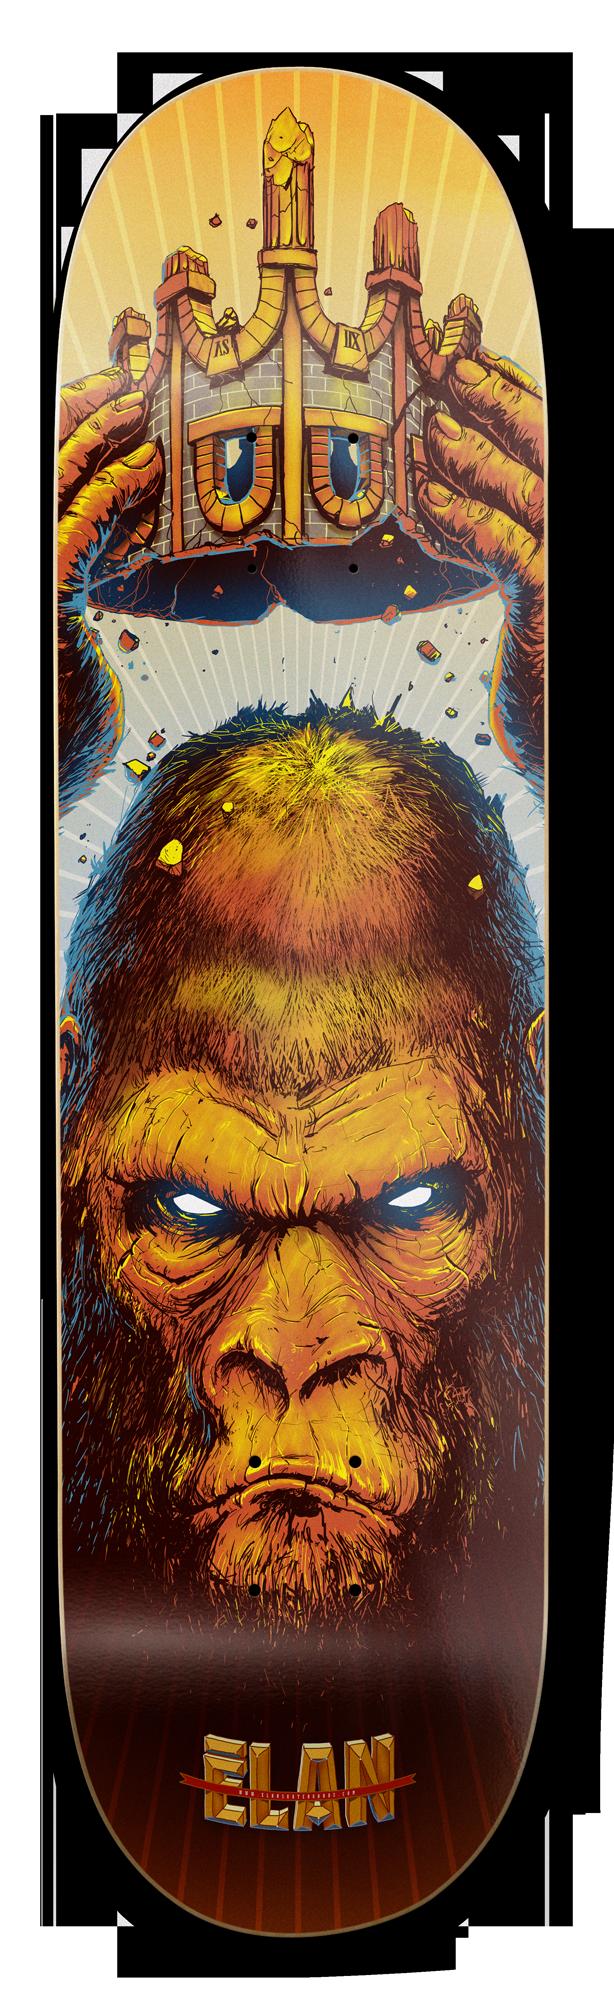 Élan, King Kong